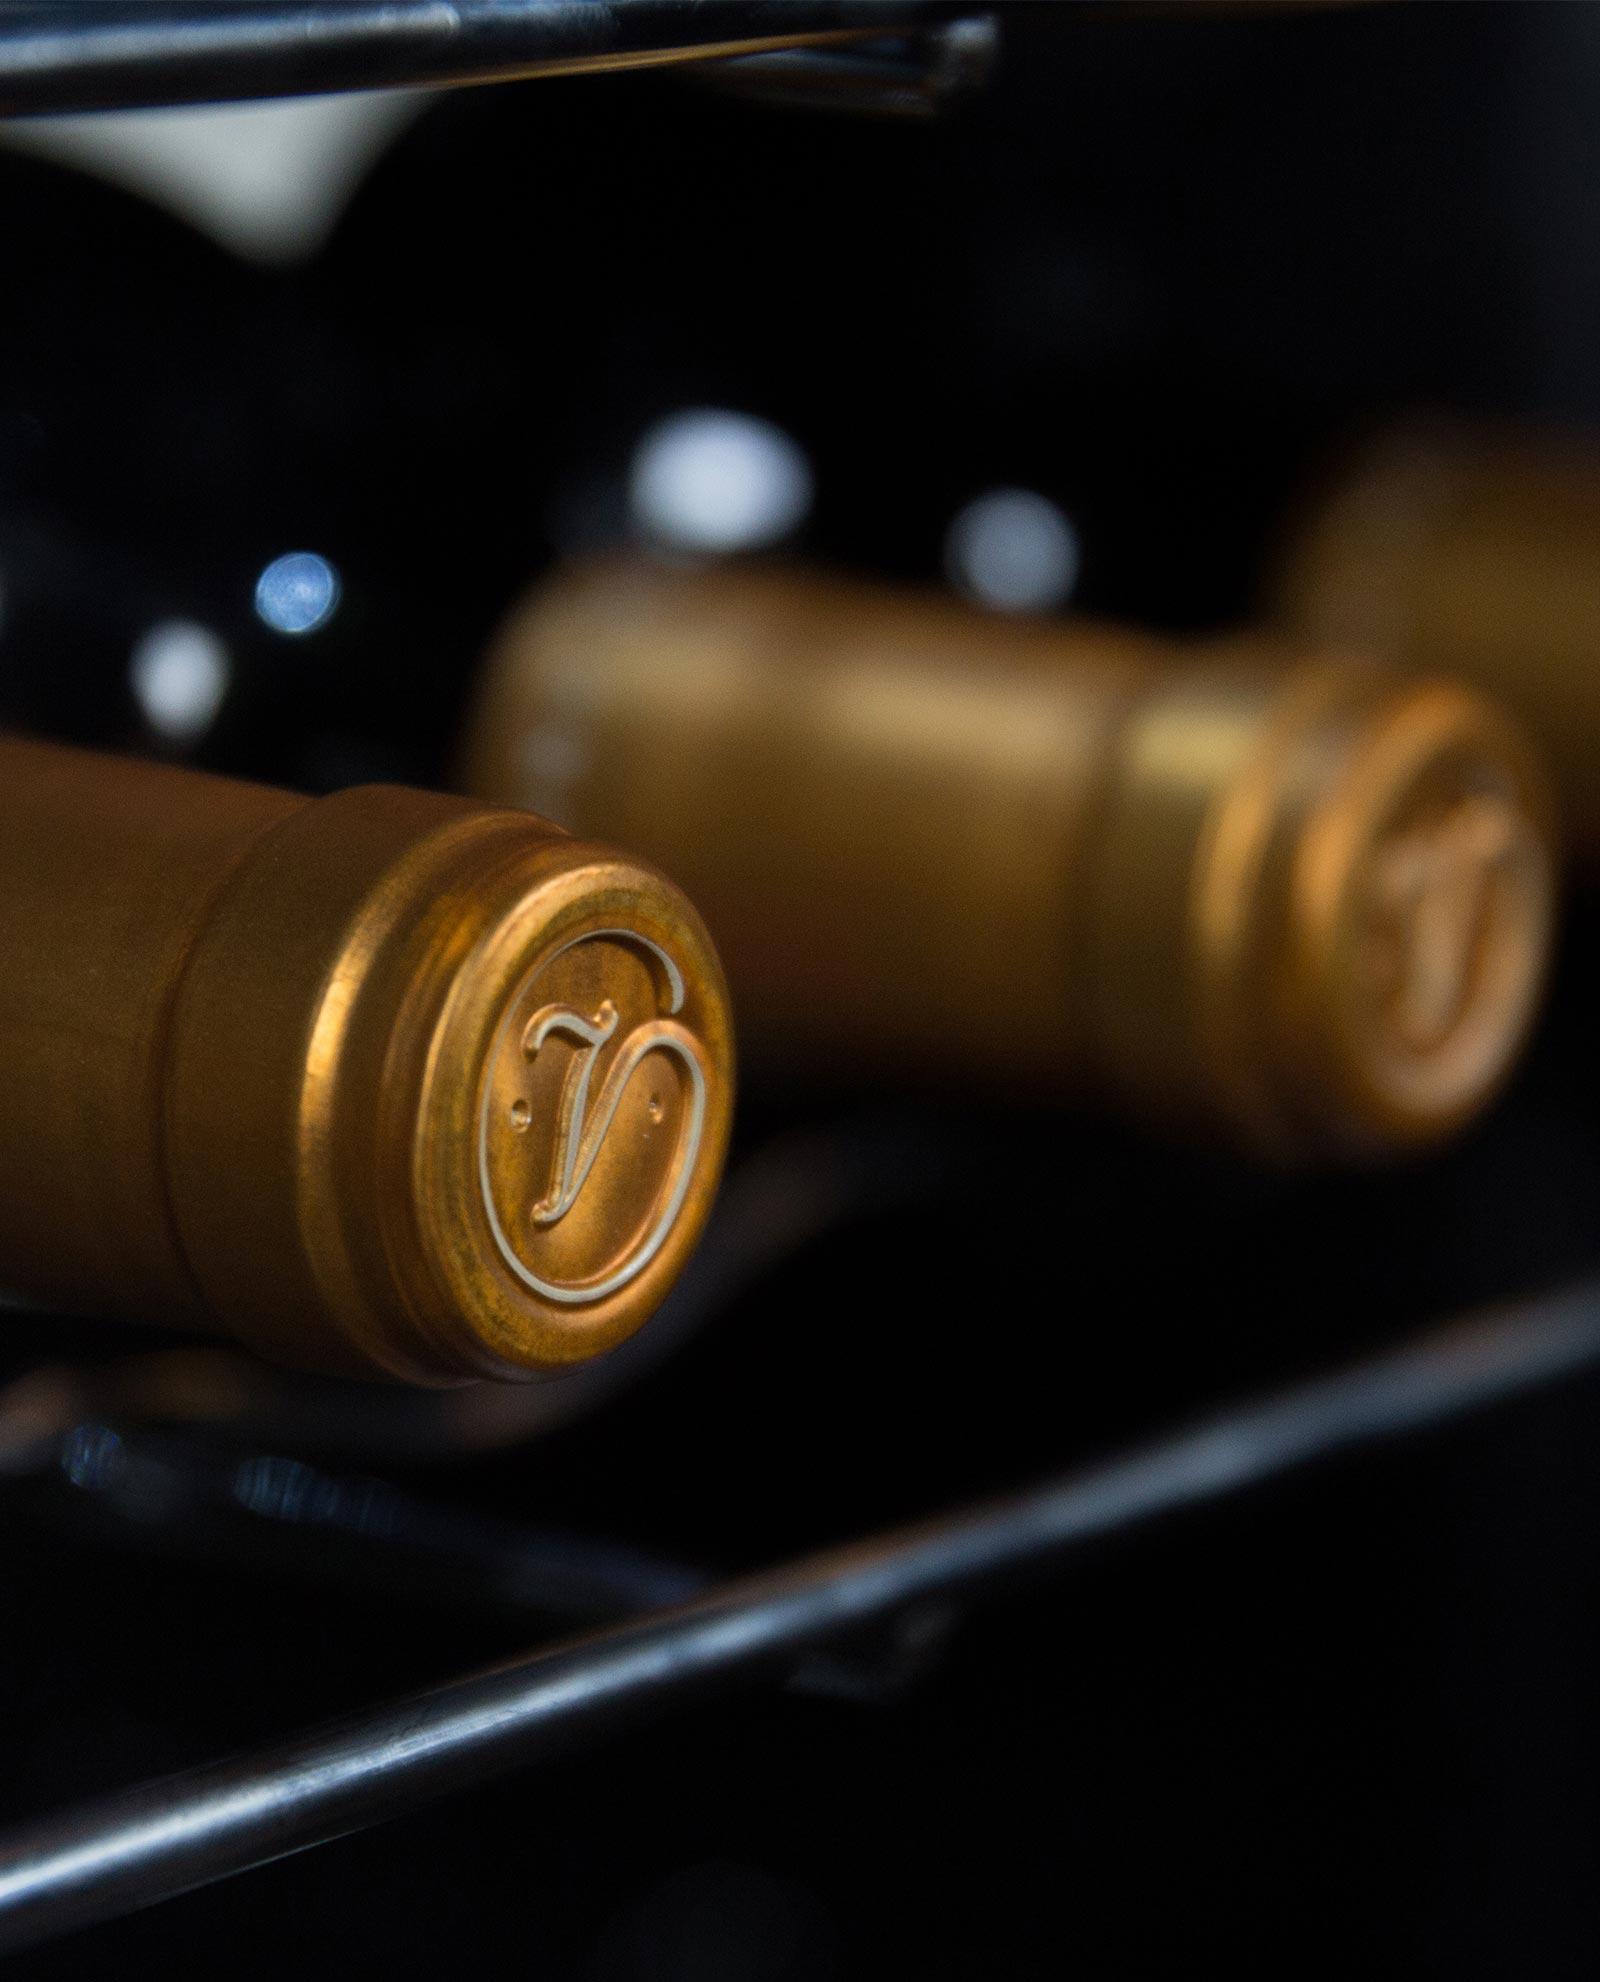 Cápsula de Valduero una cepa, vinos de la Ribera del Duero